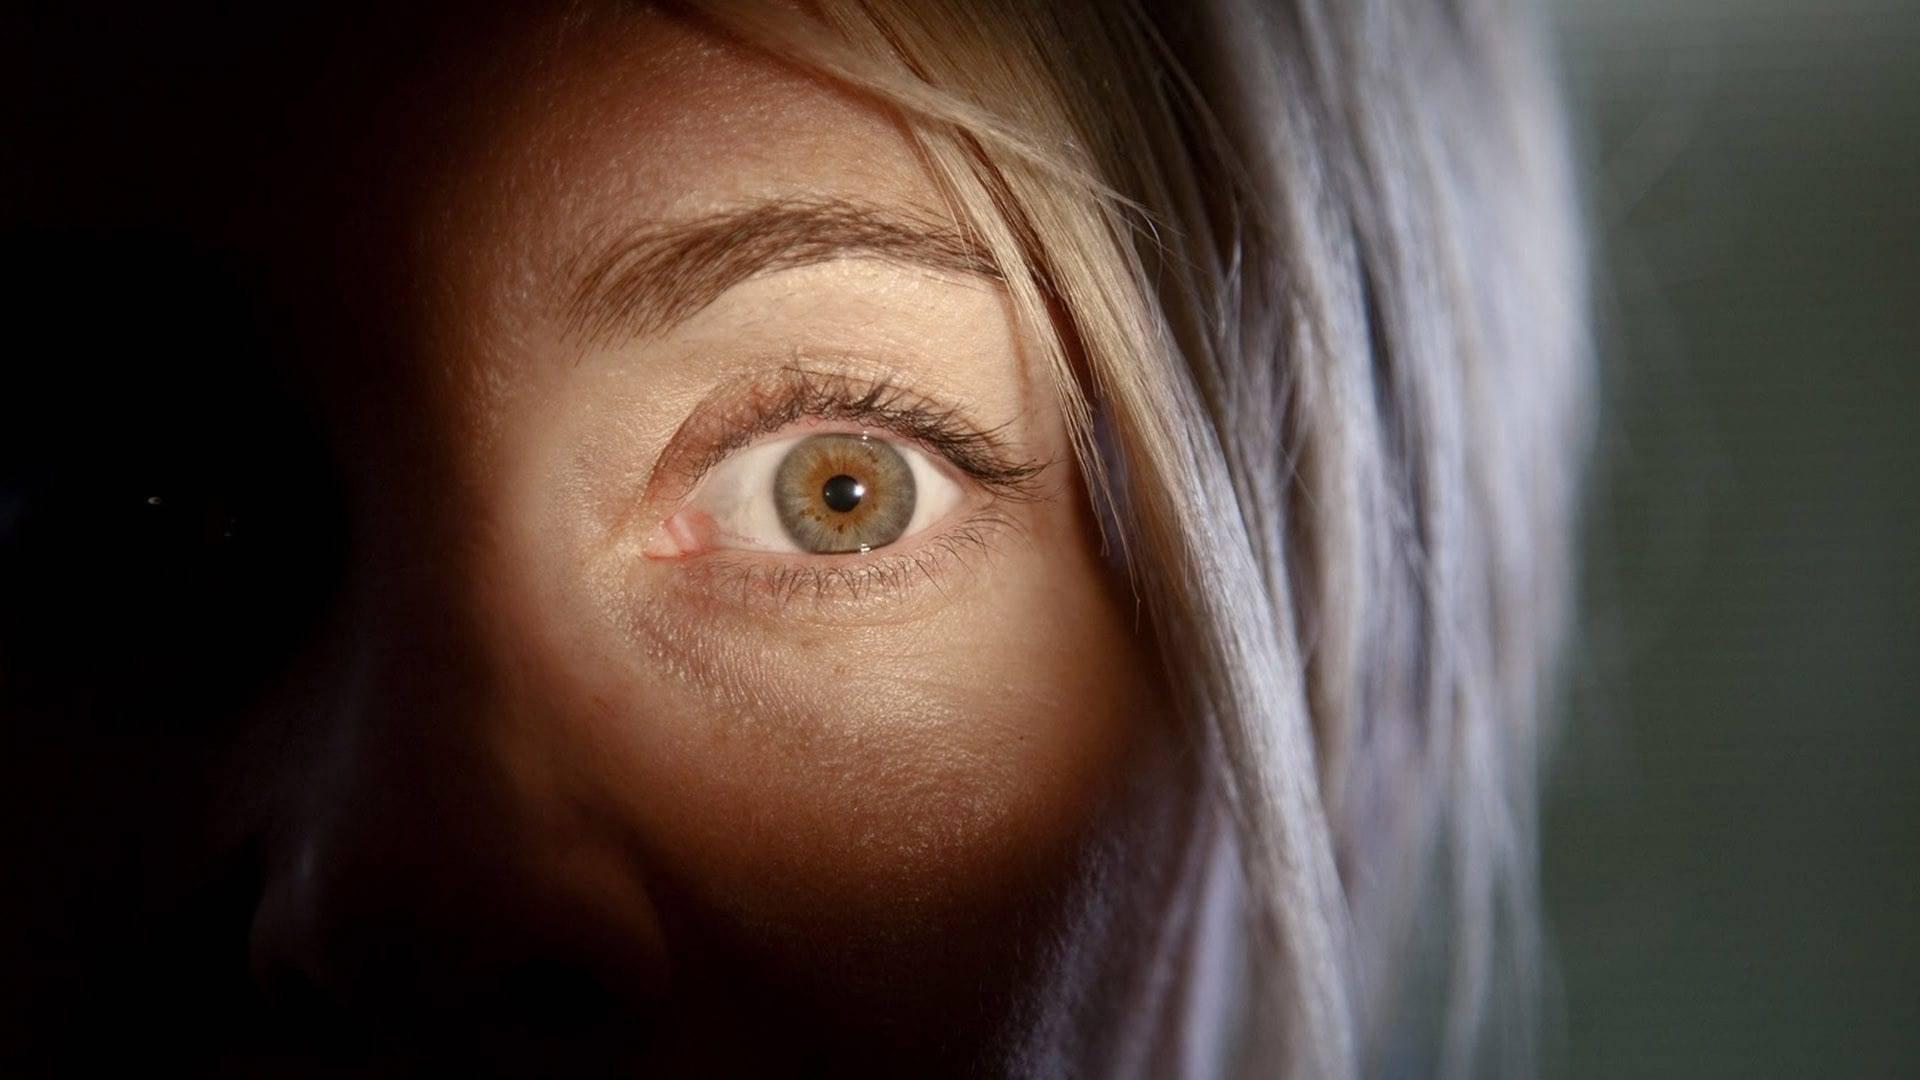 Нарушение сумеречного зрения причины и лечение - медицинский справочник medana-st.ru